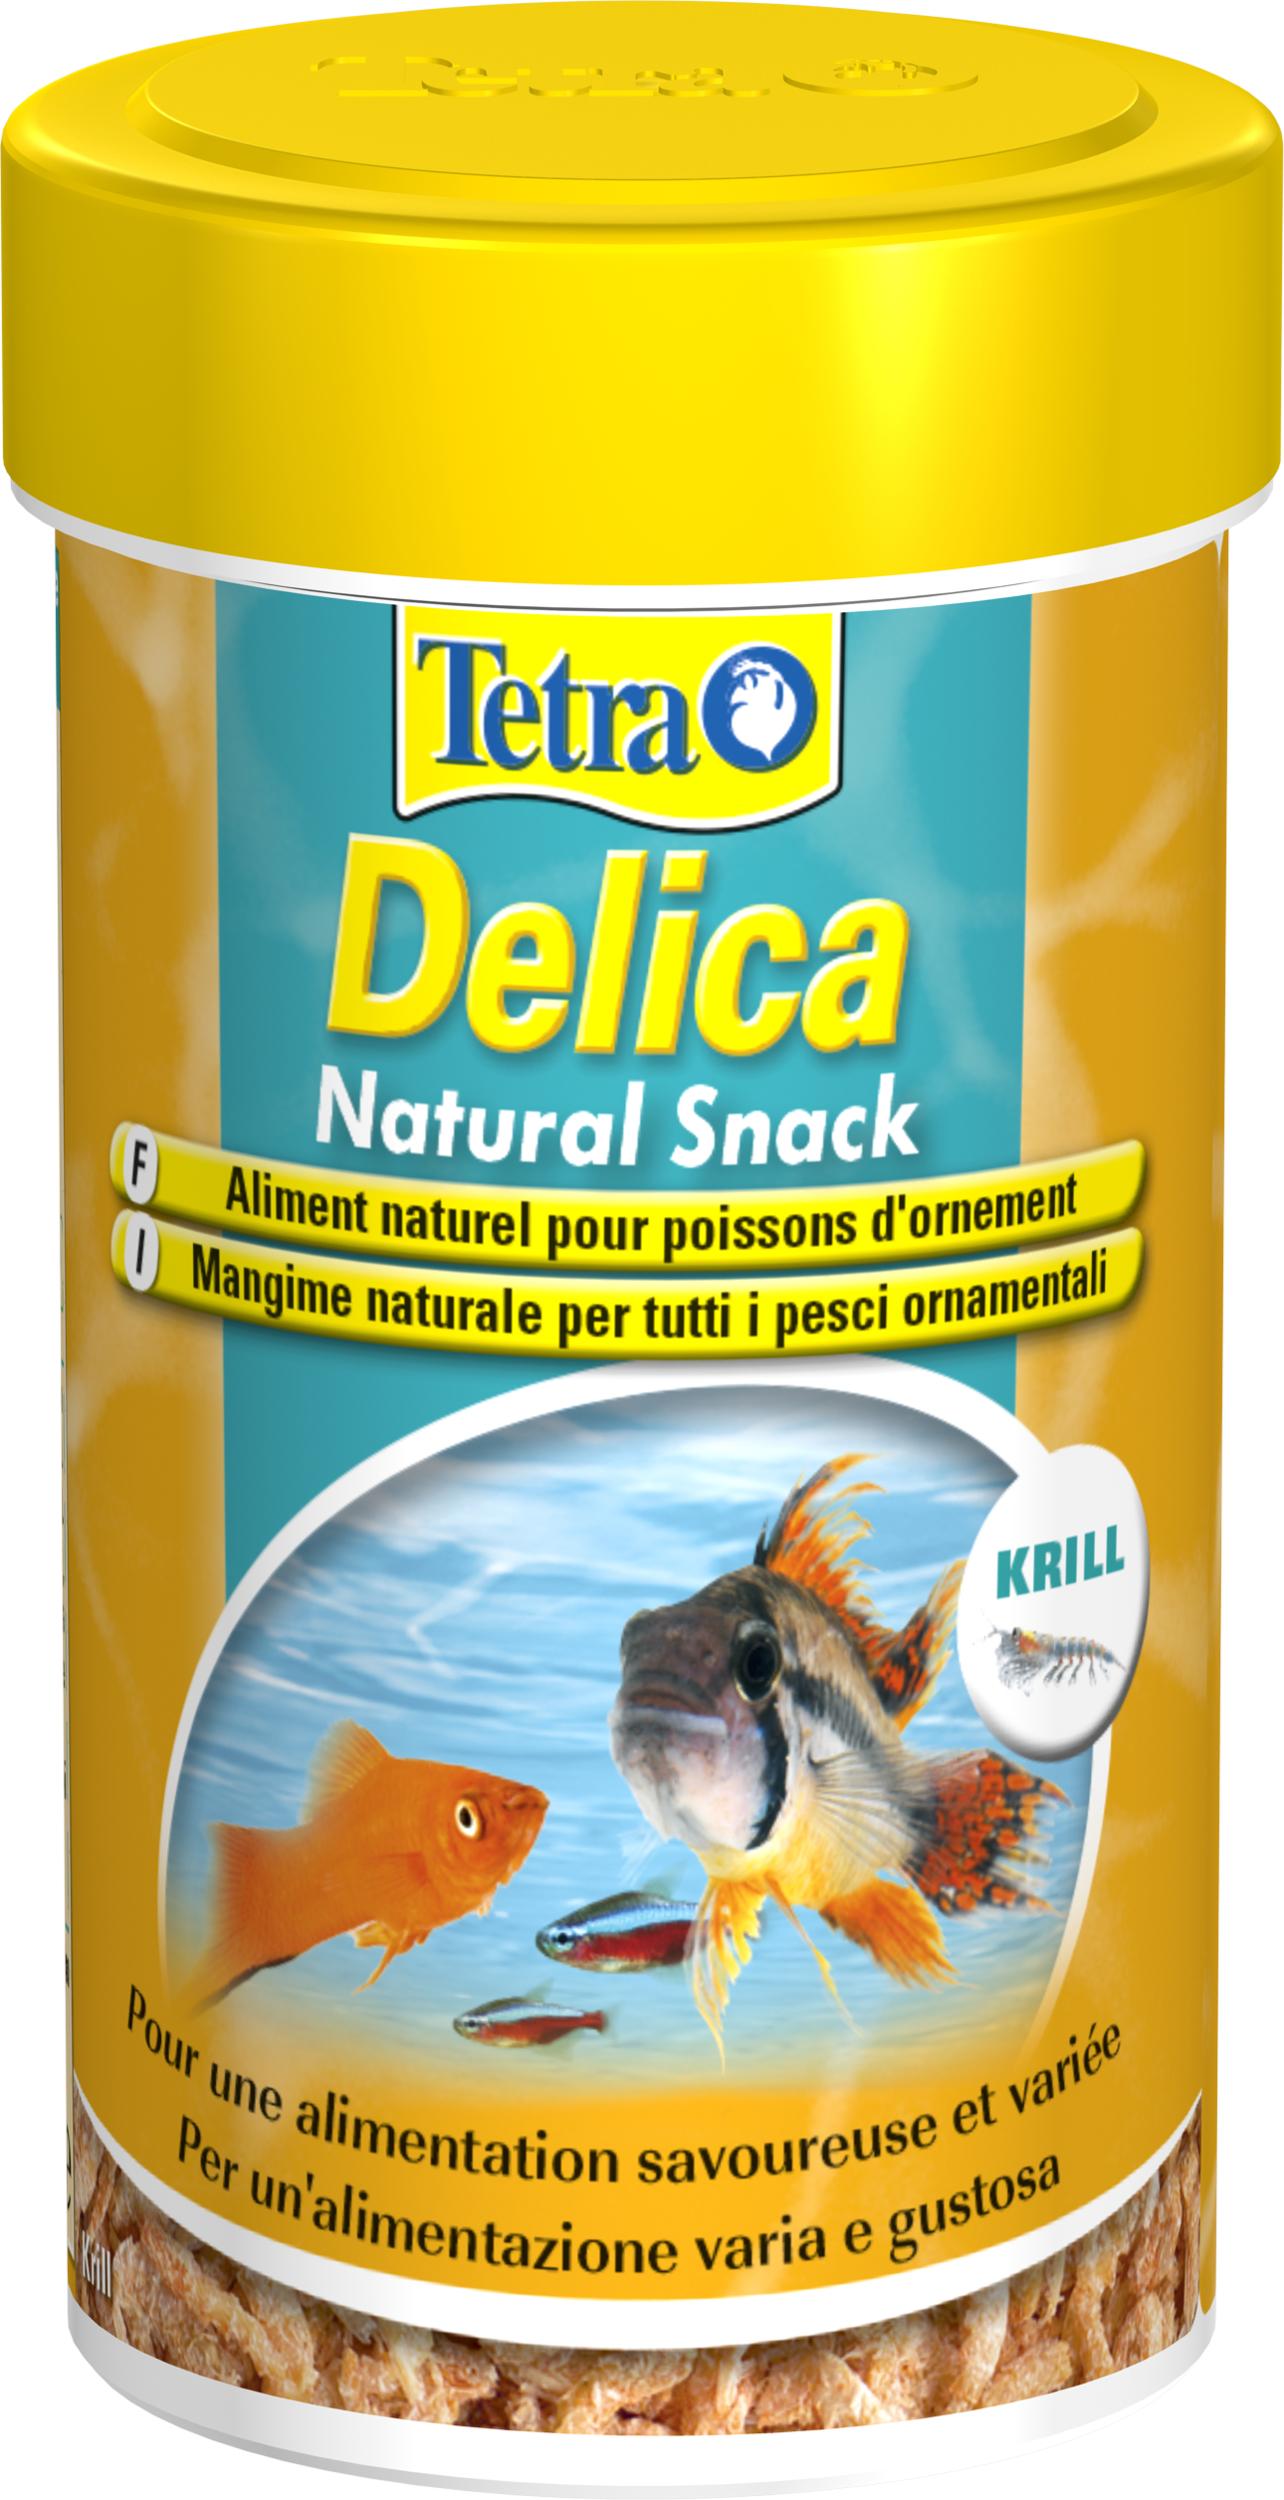 TETRA Delica Natural Snack Krill 100 ml est une délicieuse friandise contenant 100% de Krills lyophilisées